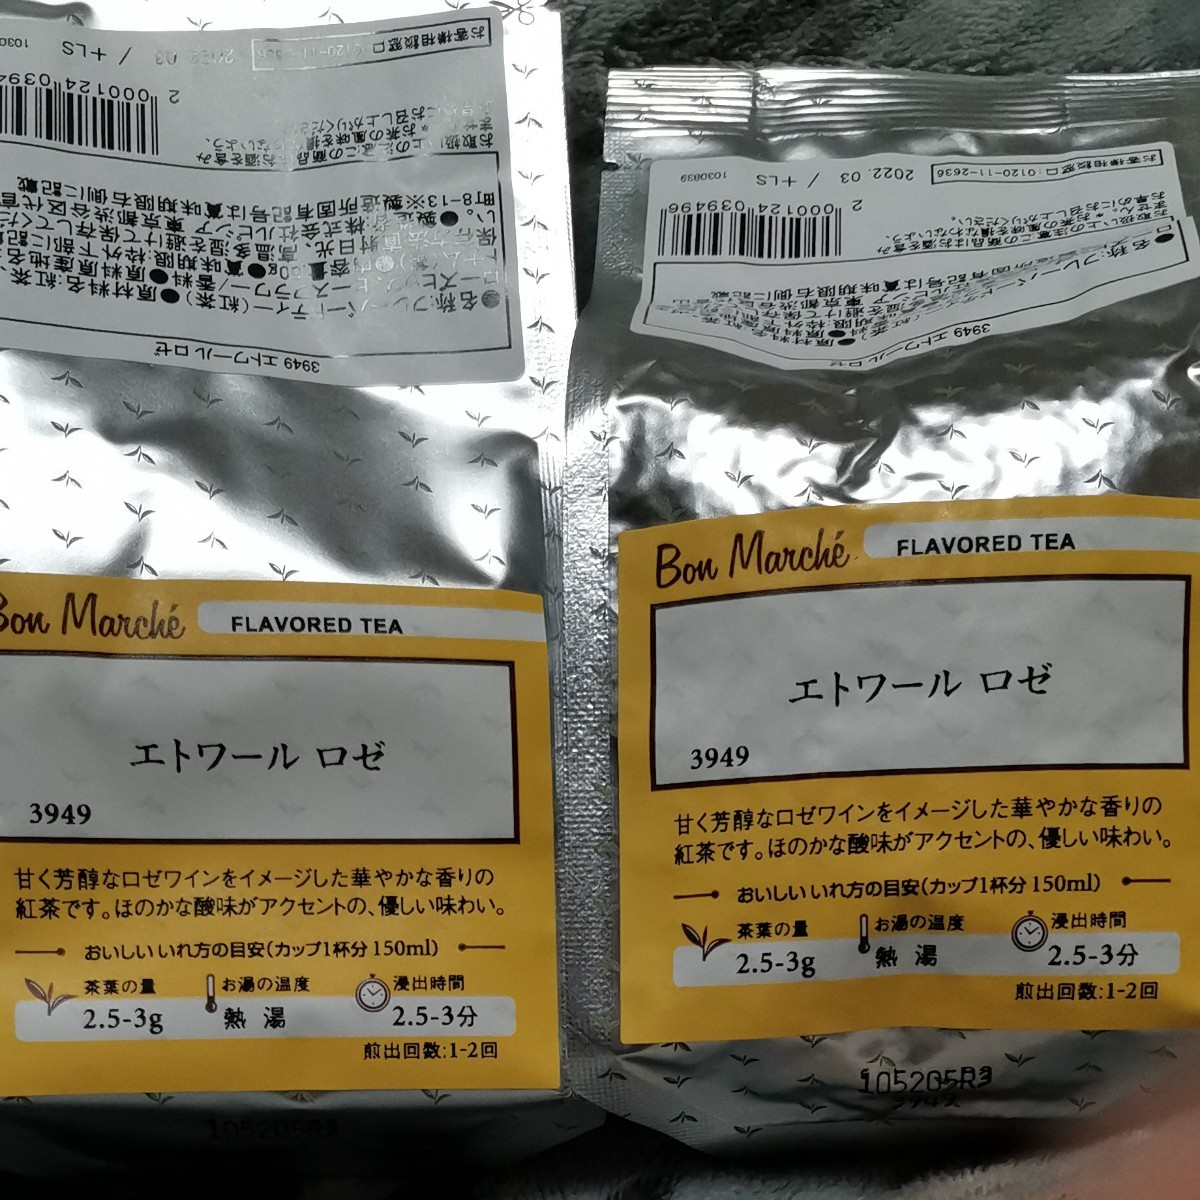 ルピシア エトワール ロゼ LUPICIA 甘く芳醇なロゼワイン 紅茶 ローズヒップ  ビタミンC ヒースフラワー 肌に良いハーブ